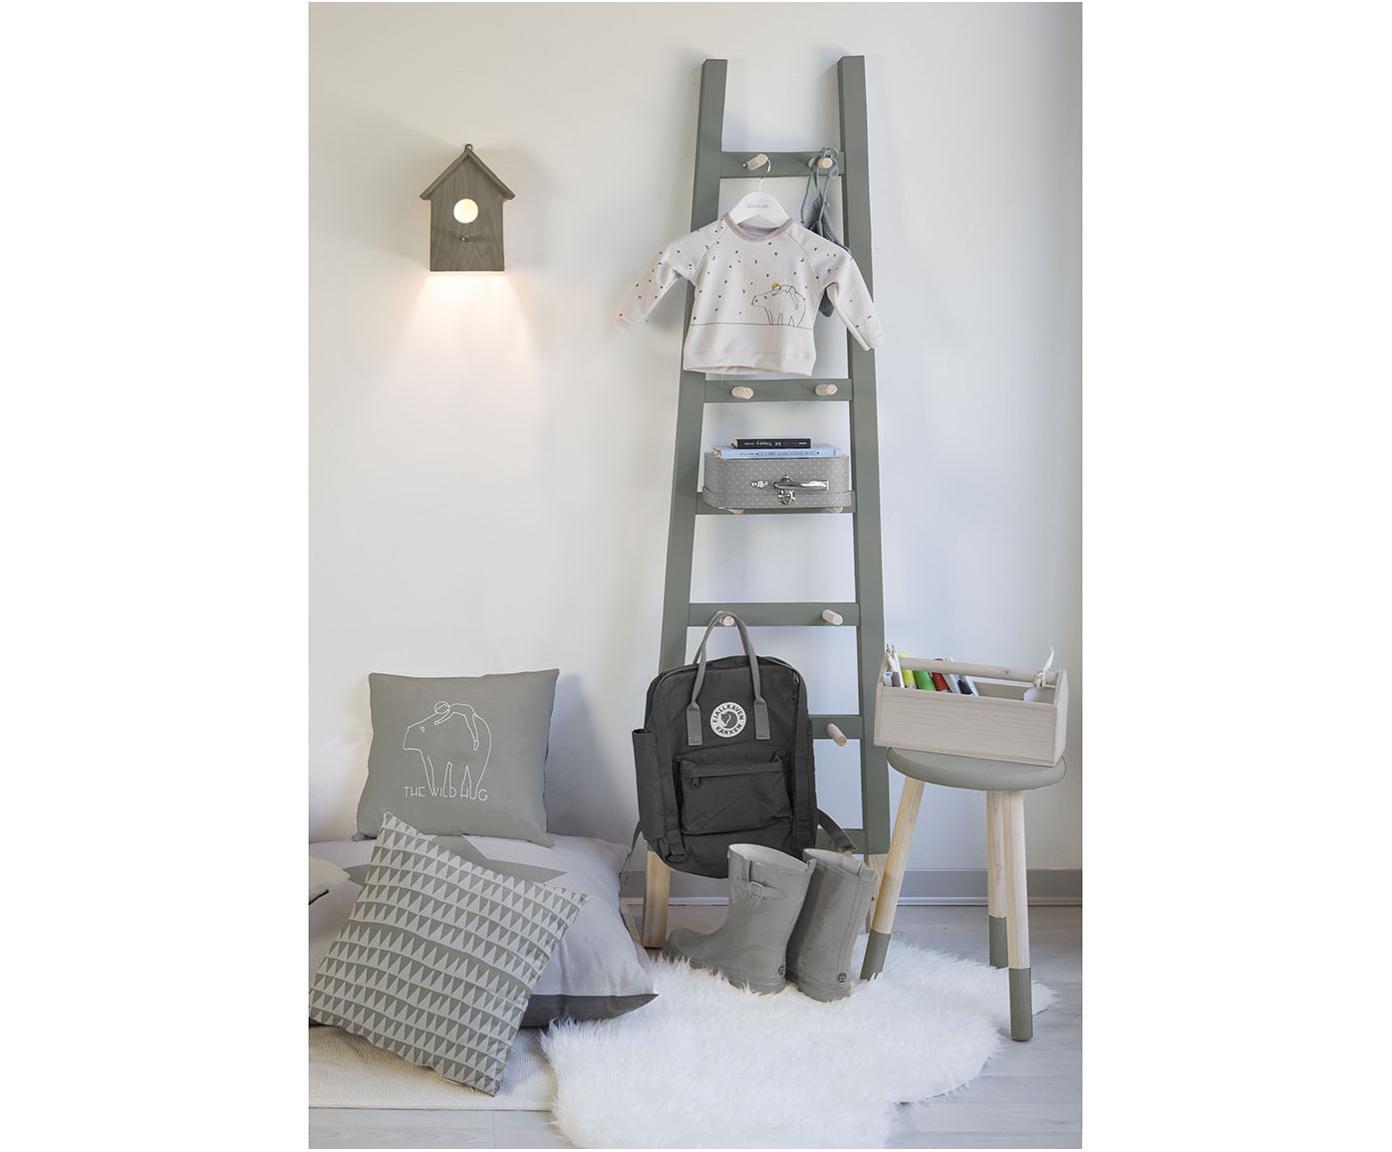 Leiter-Wandregal Helia, Kiefernholz, beschichtet, Grau, Kiefernholz, 46 x 170 cm